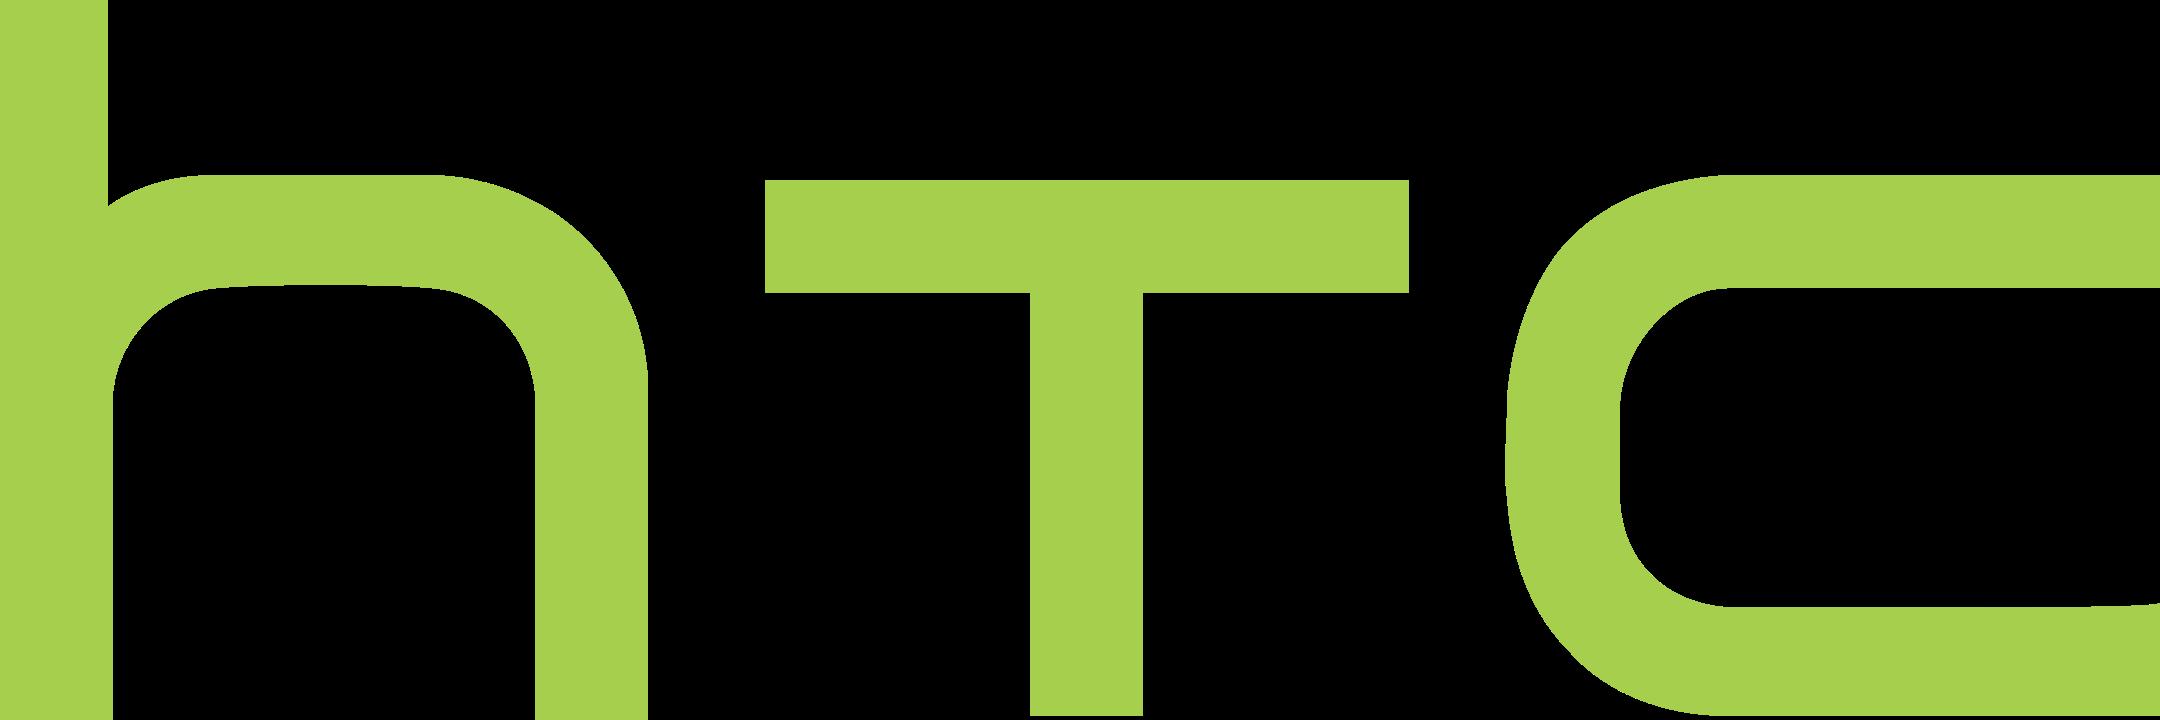 htc logo 1 1 - HTC Logo